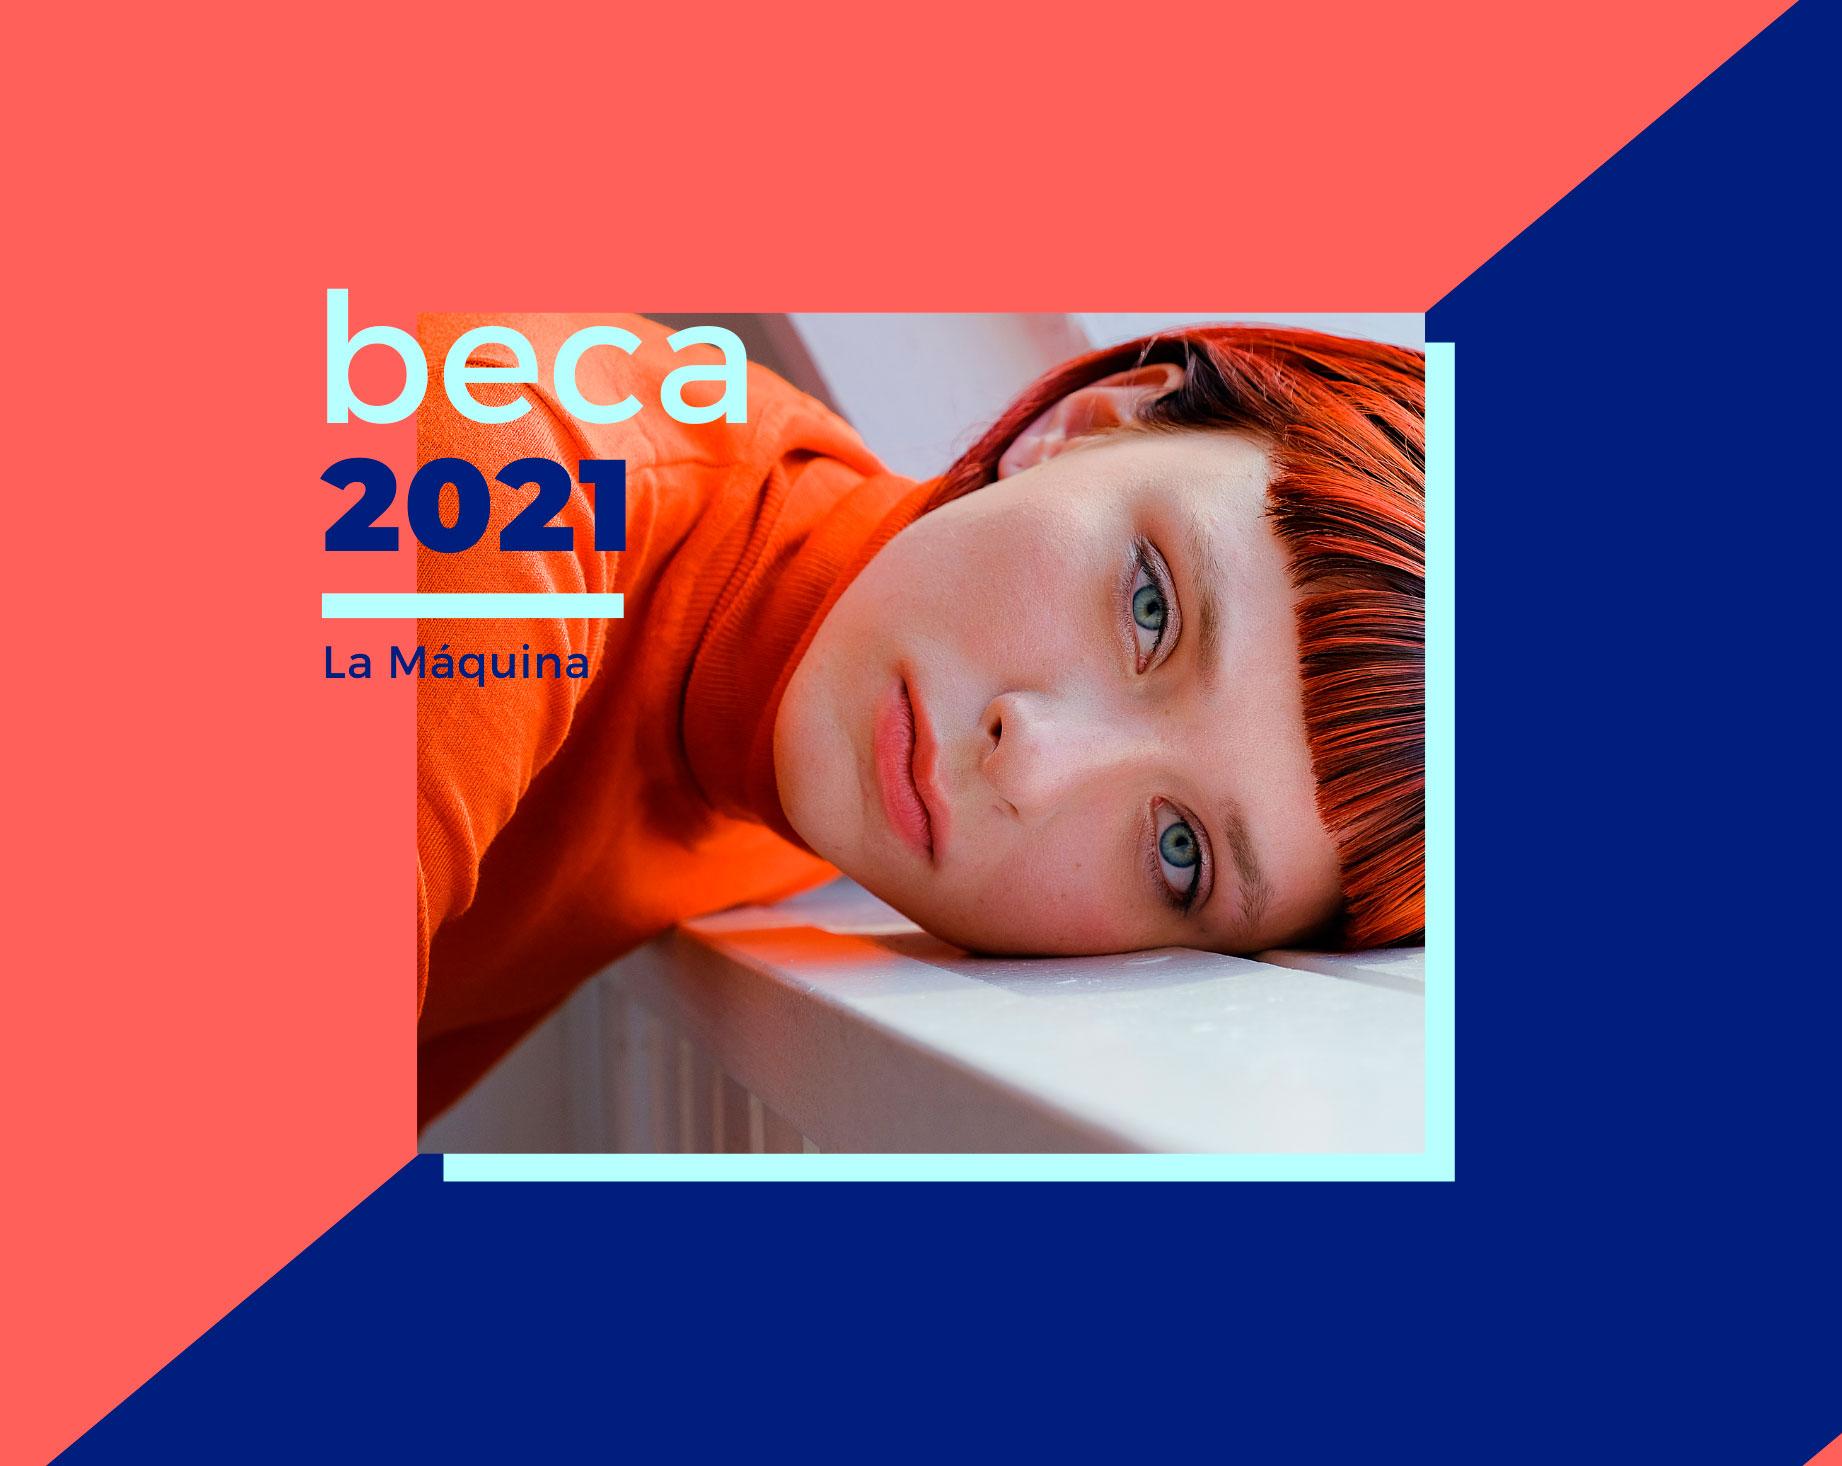 beca La Máquina 2021